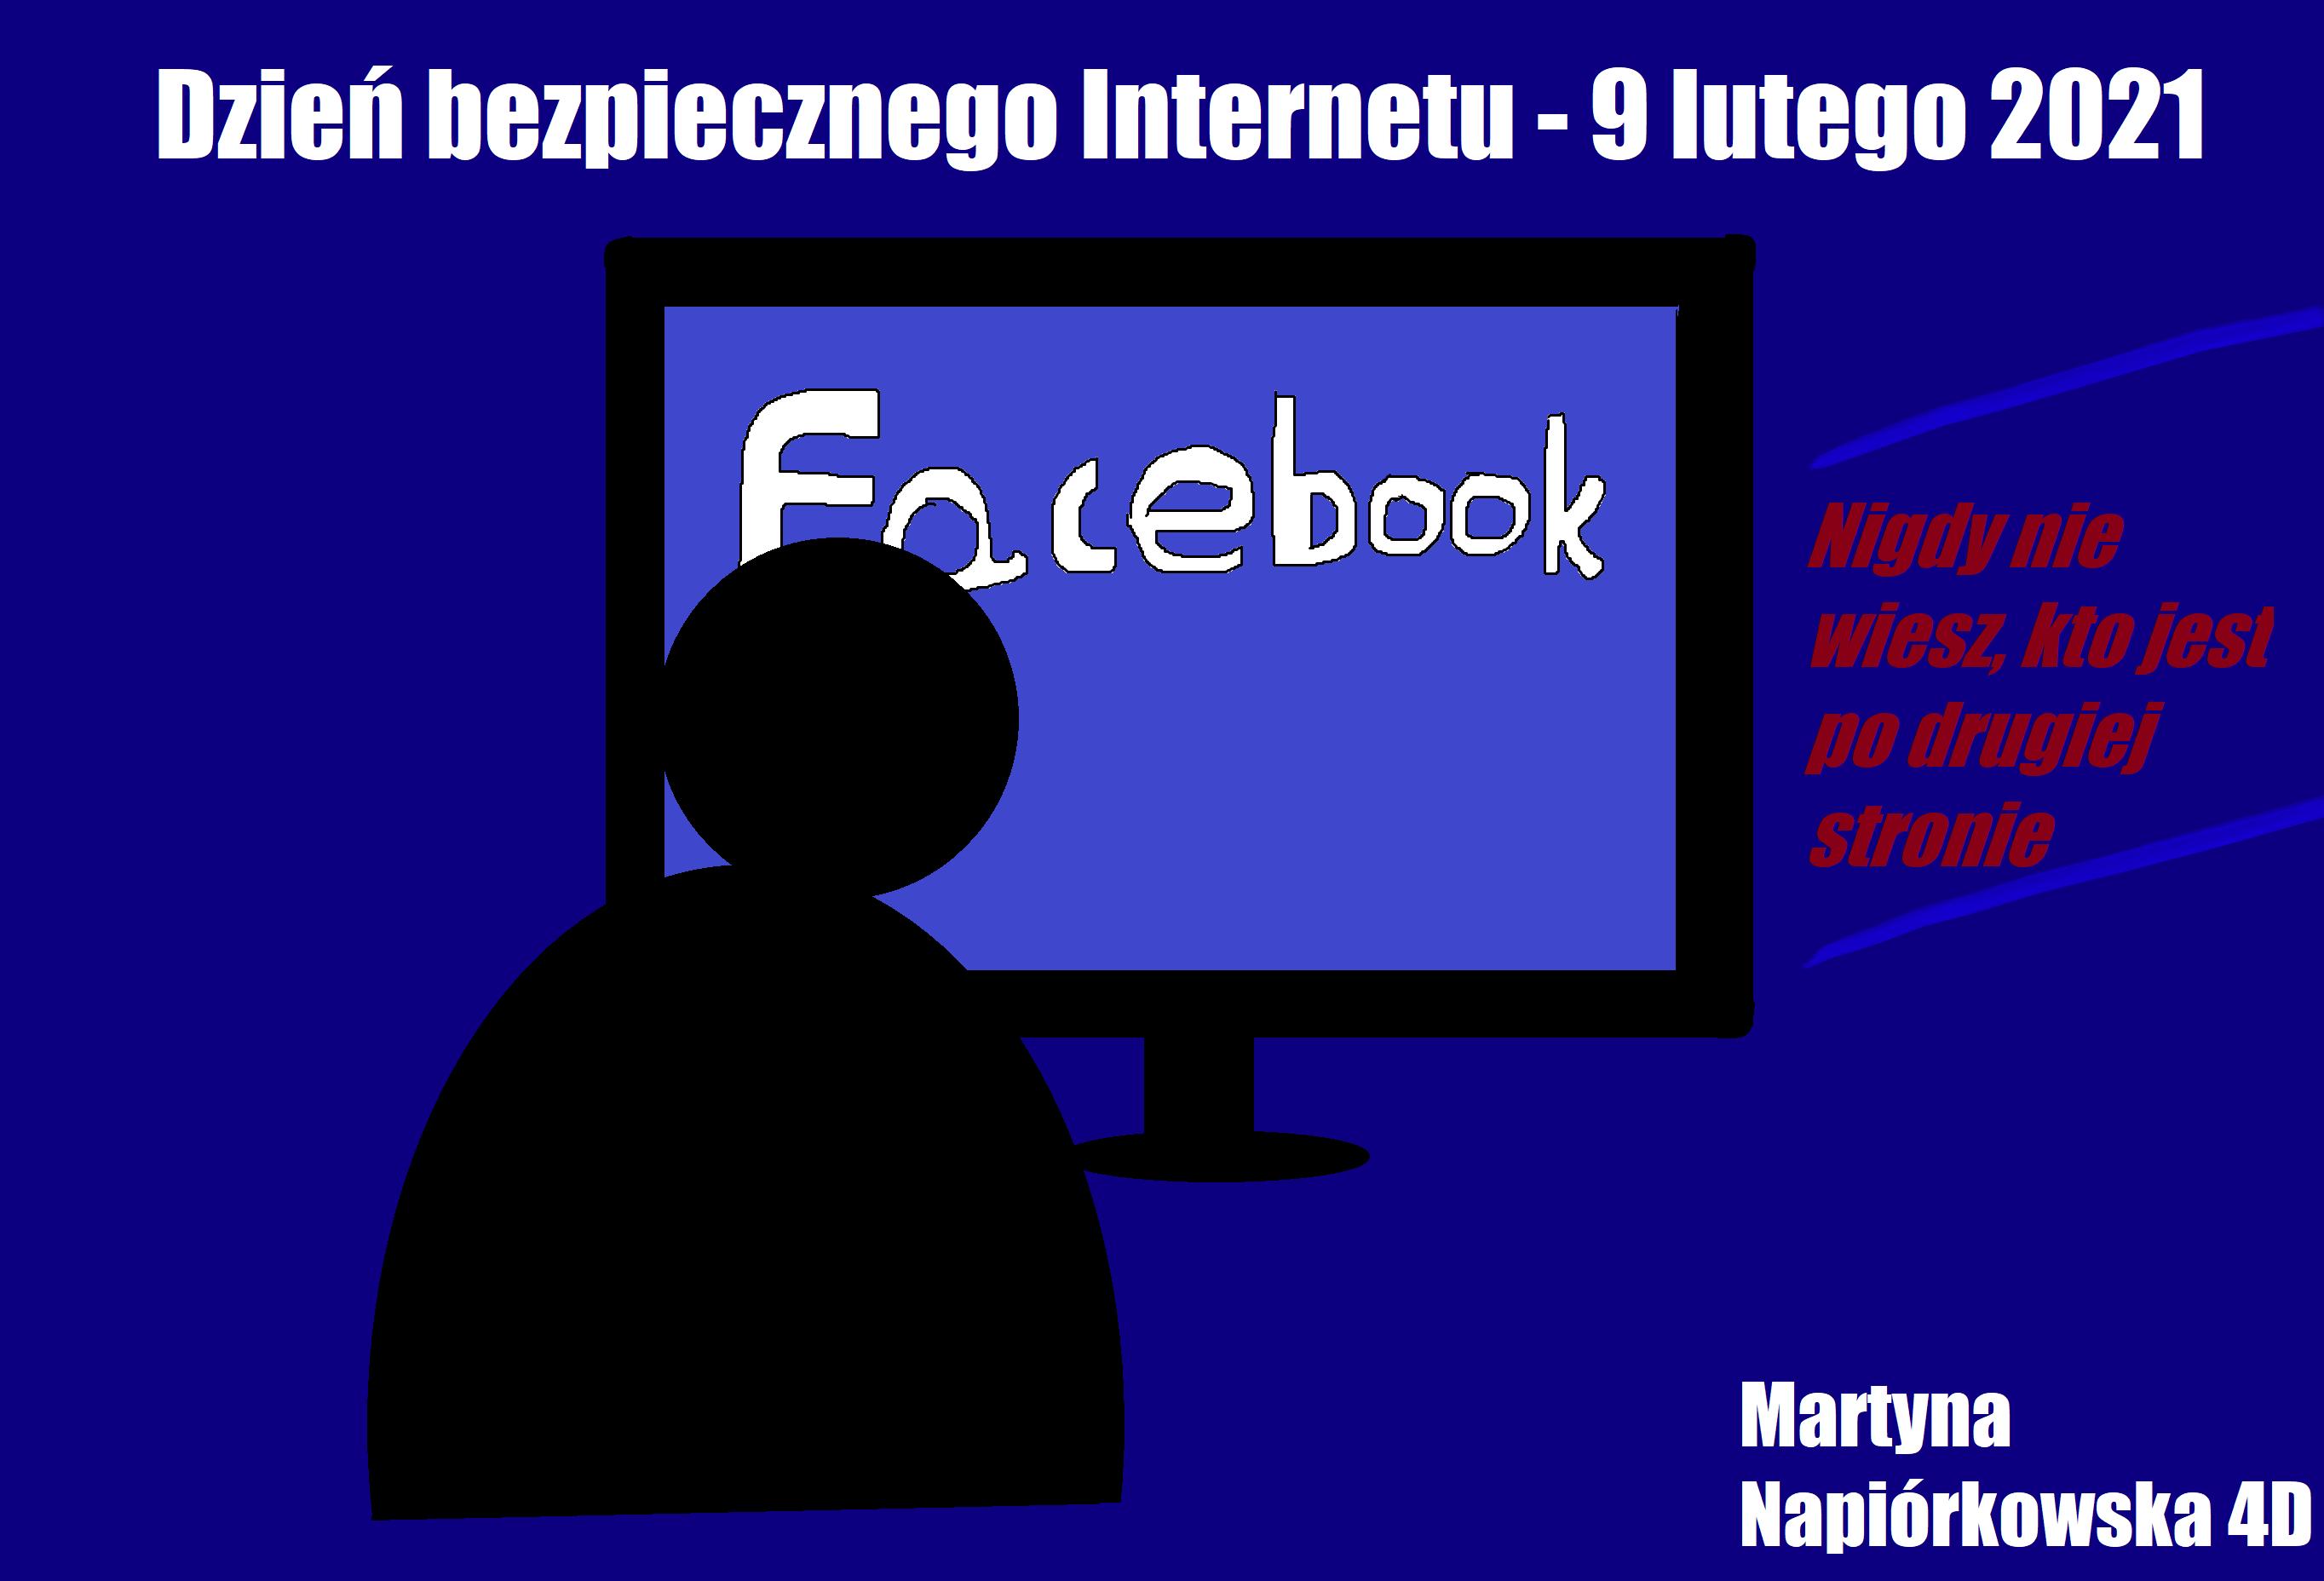 Martyna_Napiórkowska.png